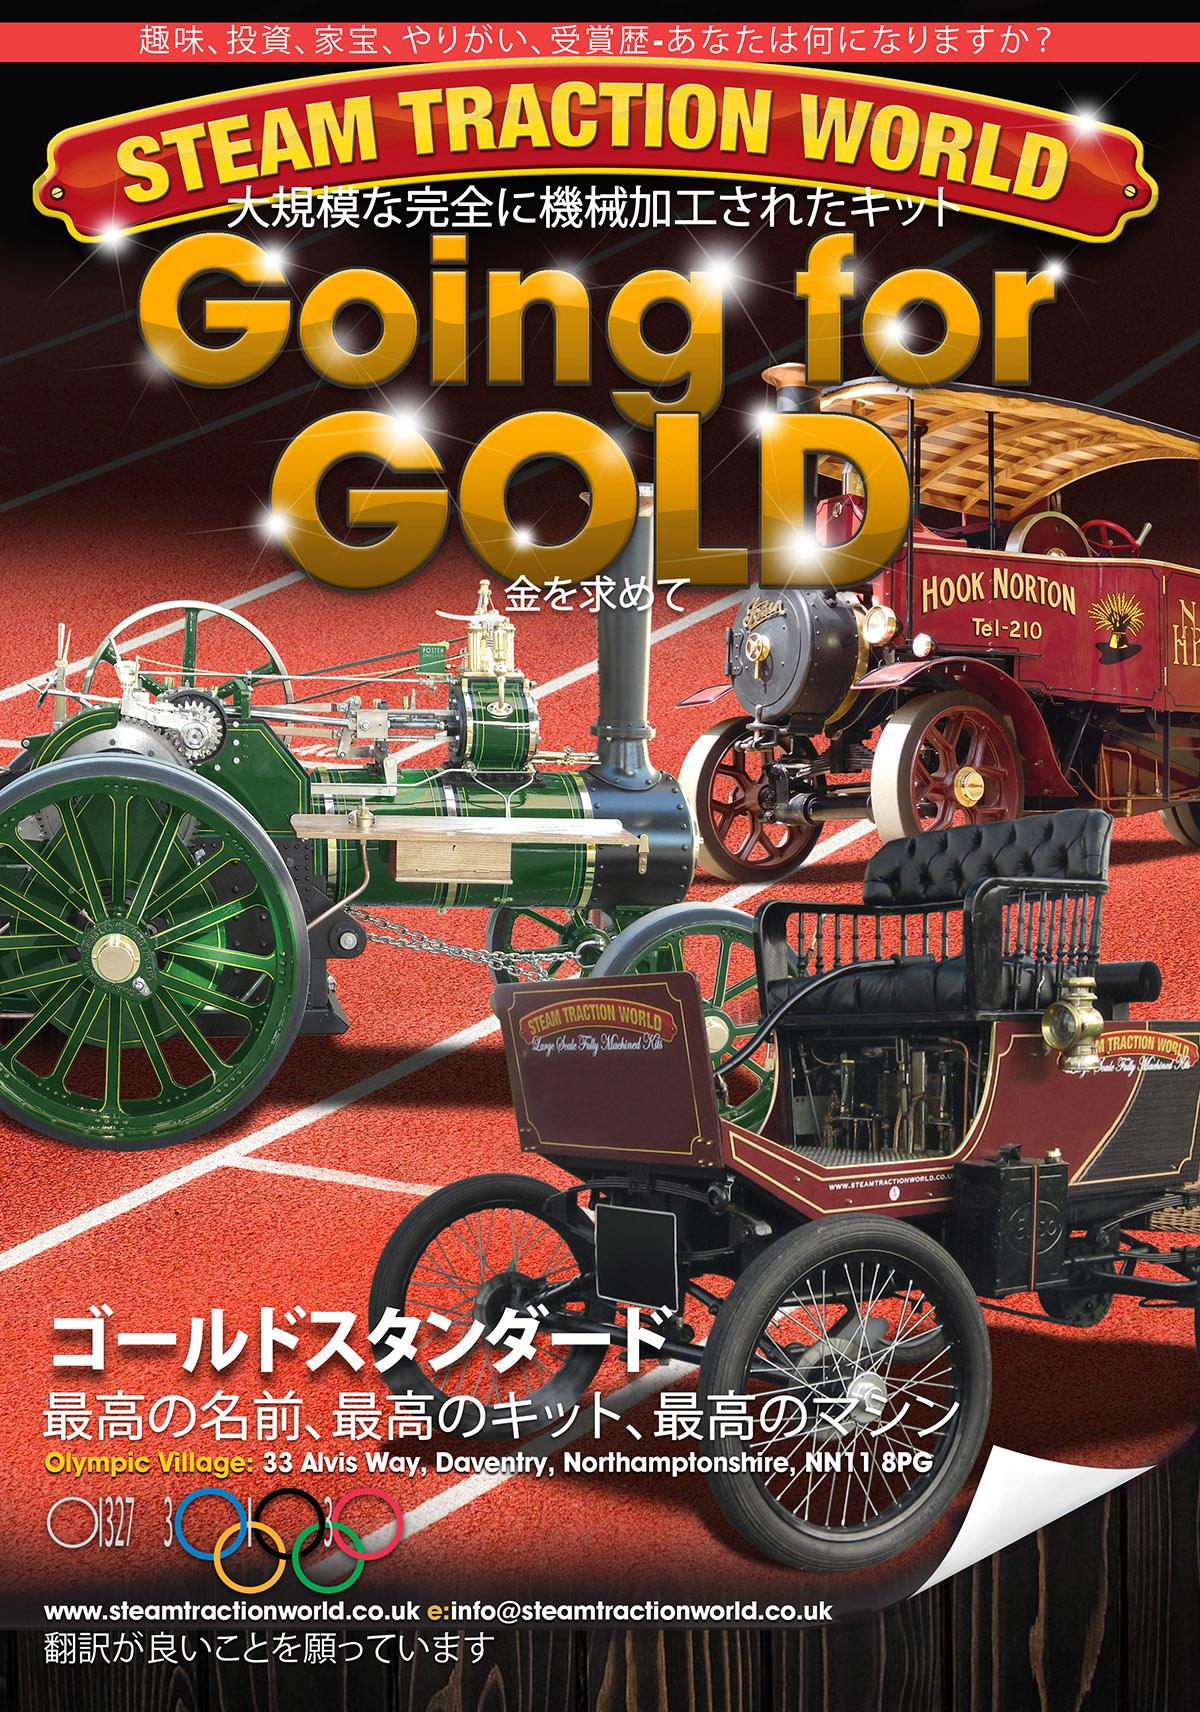 tokyo olympics advert